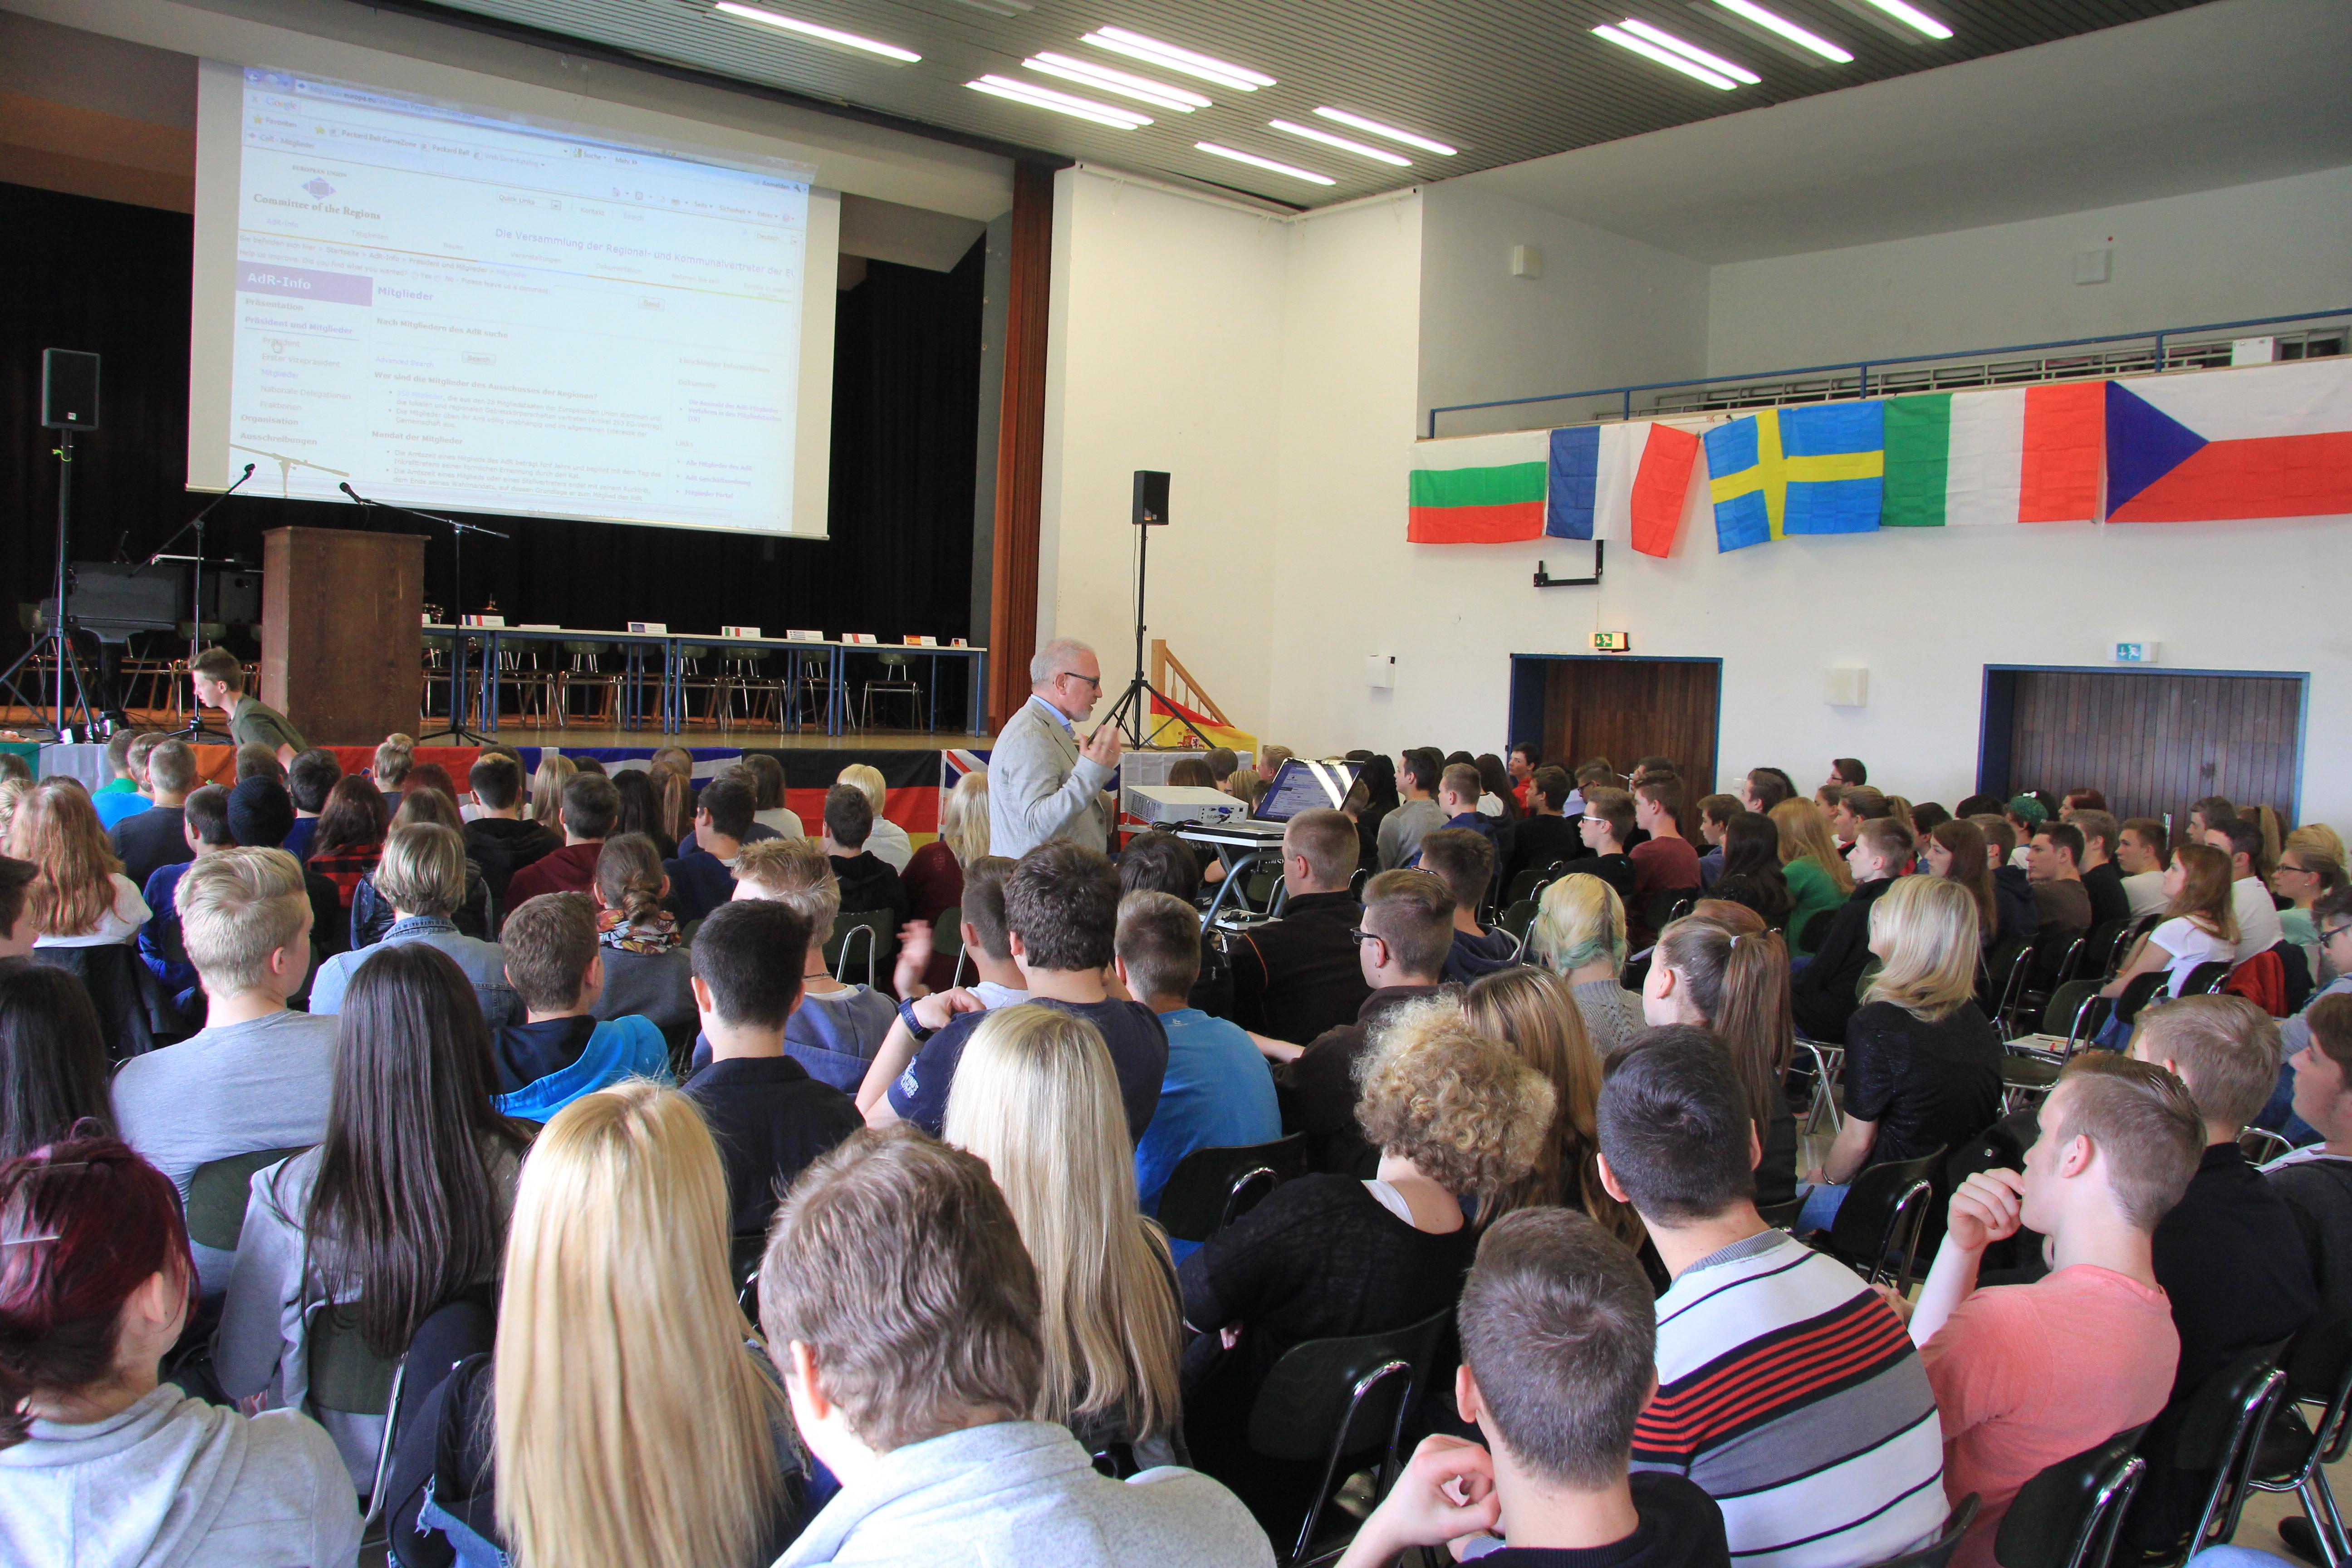 Herr Höfer stellt den Ausschuss der Regionen vor